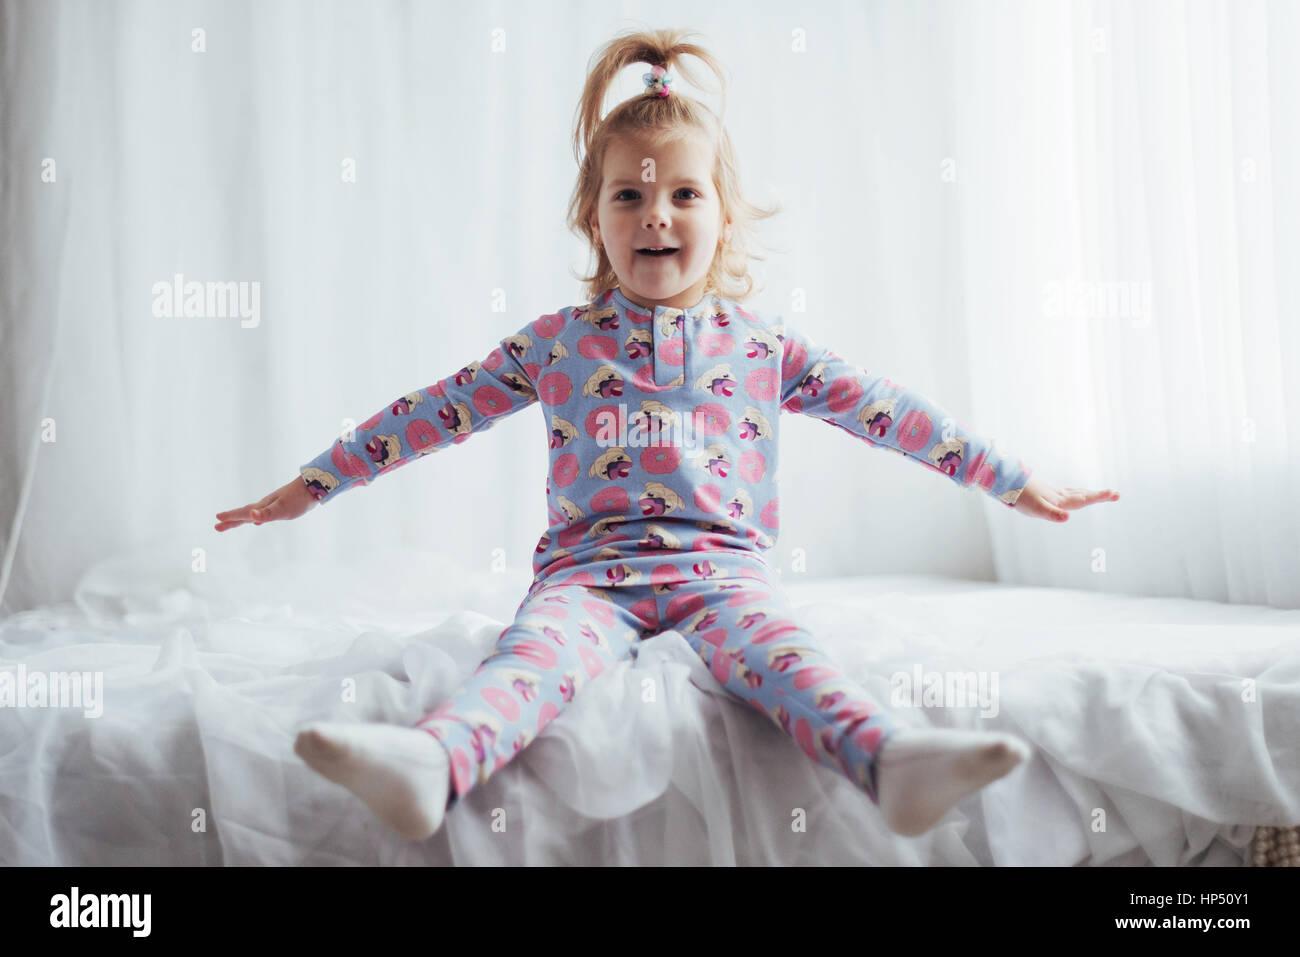 Criança em pijama Imagens de Stock